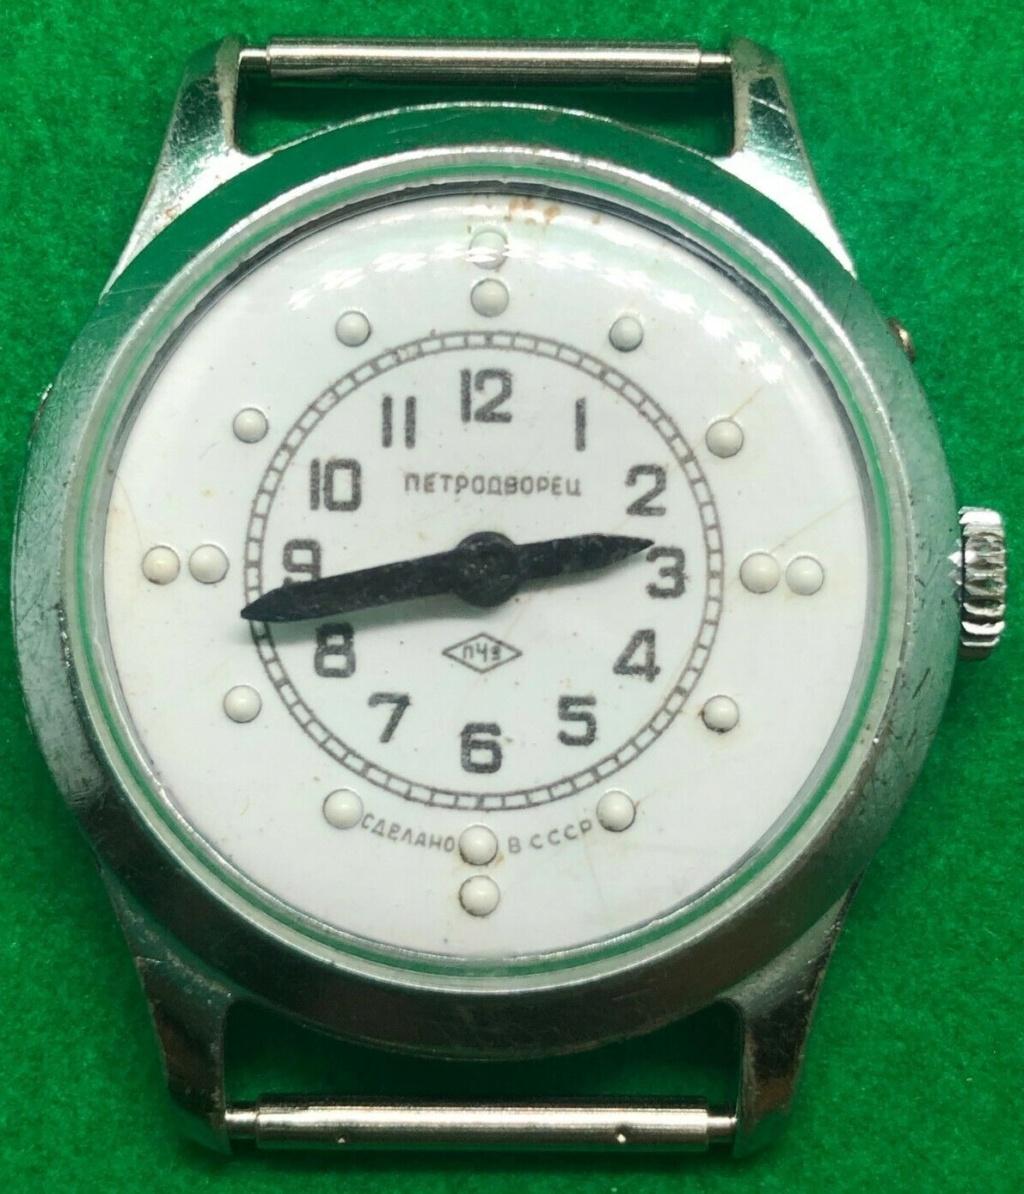 Les montres soviétiques pour aveugles Petro210